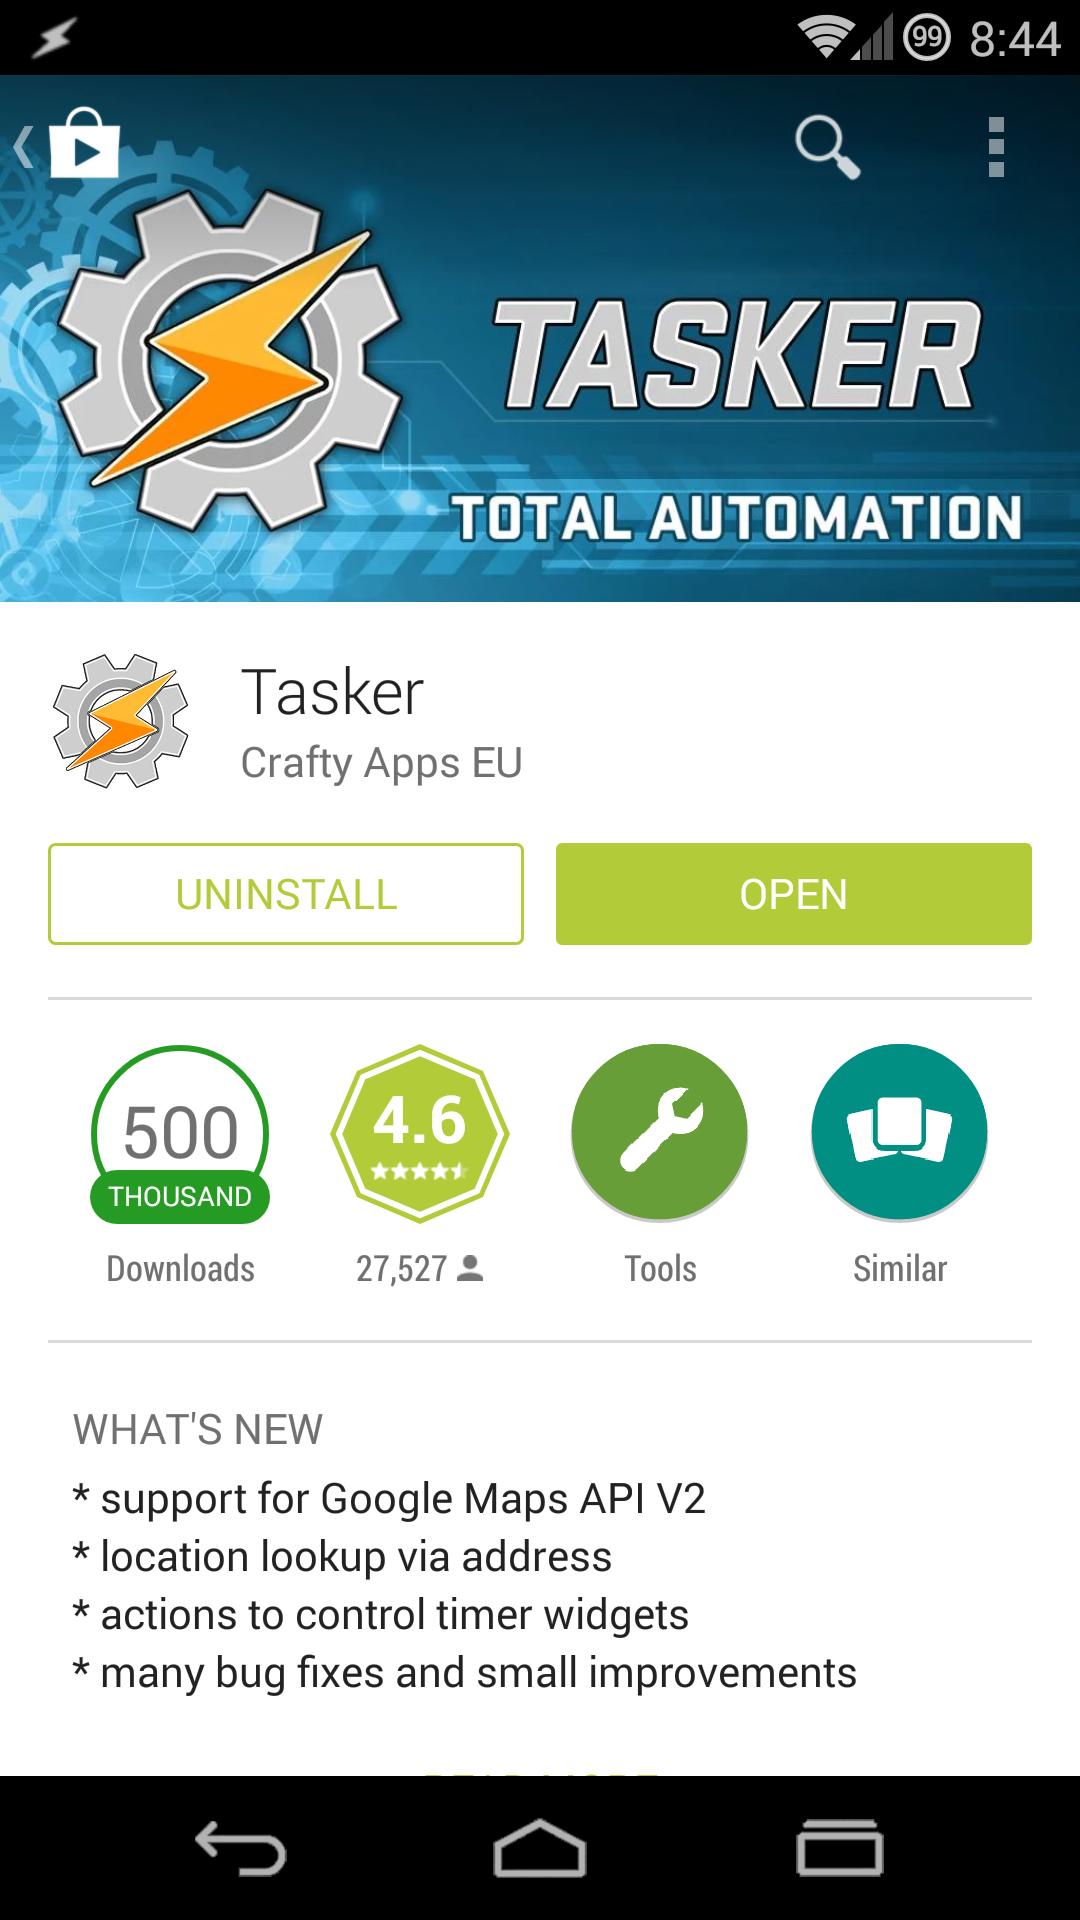 Make sure Tasker is installed!